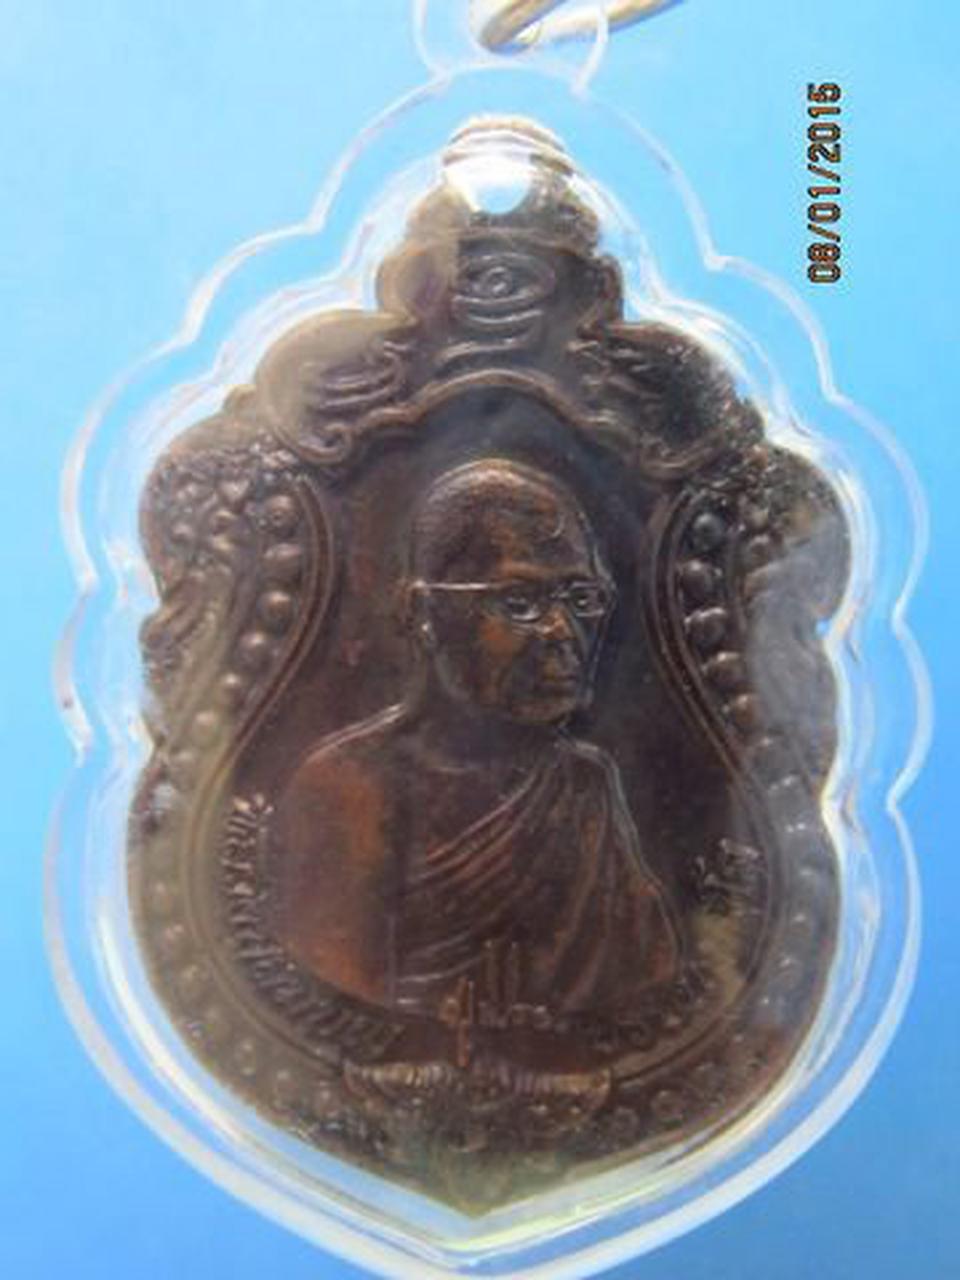 1030 หลวงปู่บุญ วัดปอแดง ครบรอบ 30 ปี ปี 2555 จ.นครราชสีมา  รูปที่ 2